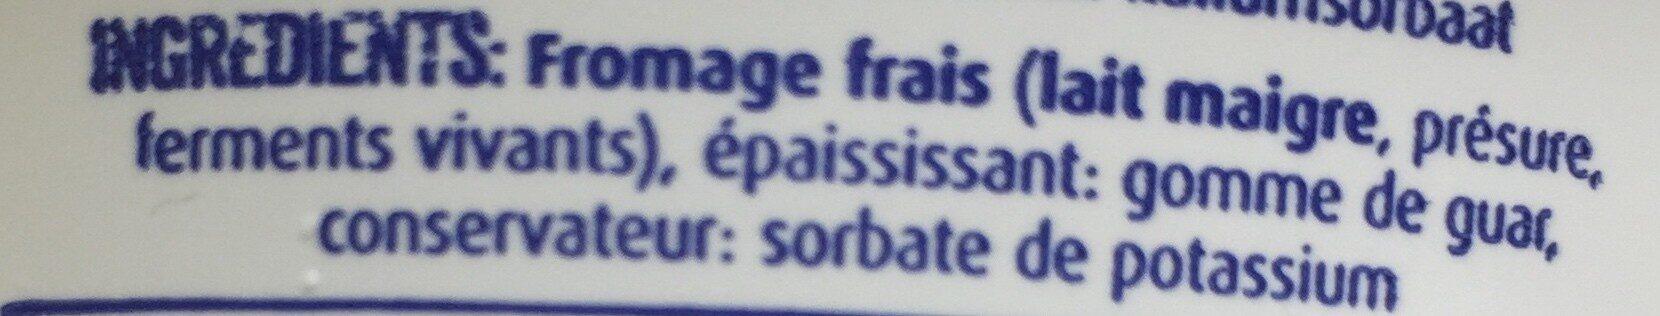 Fromage blanc maigre - Ingrediënten - fr